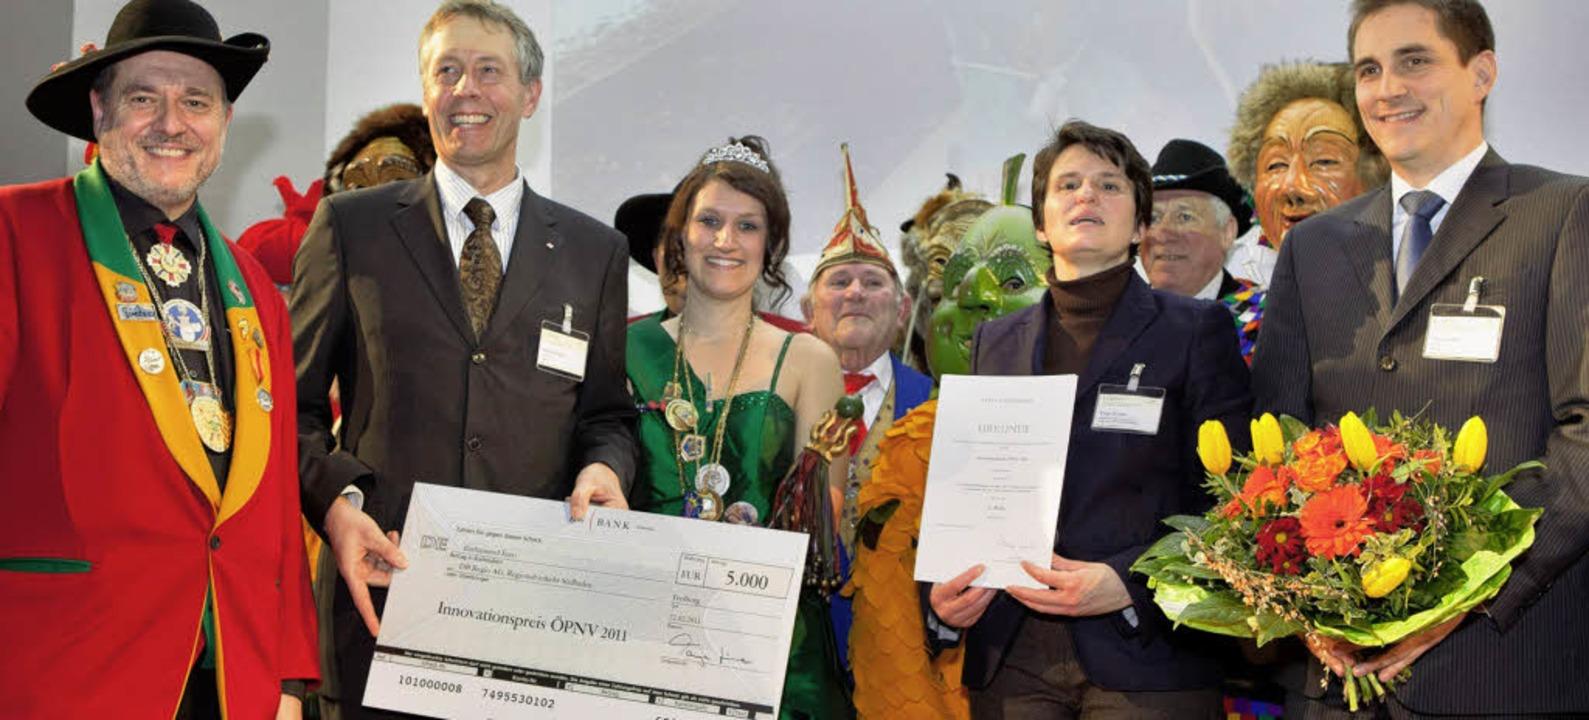 Preisverleihung im Freiburger Kongress...itere Vertreter der Hochrhein-Narren.   | Foto: Nuewa